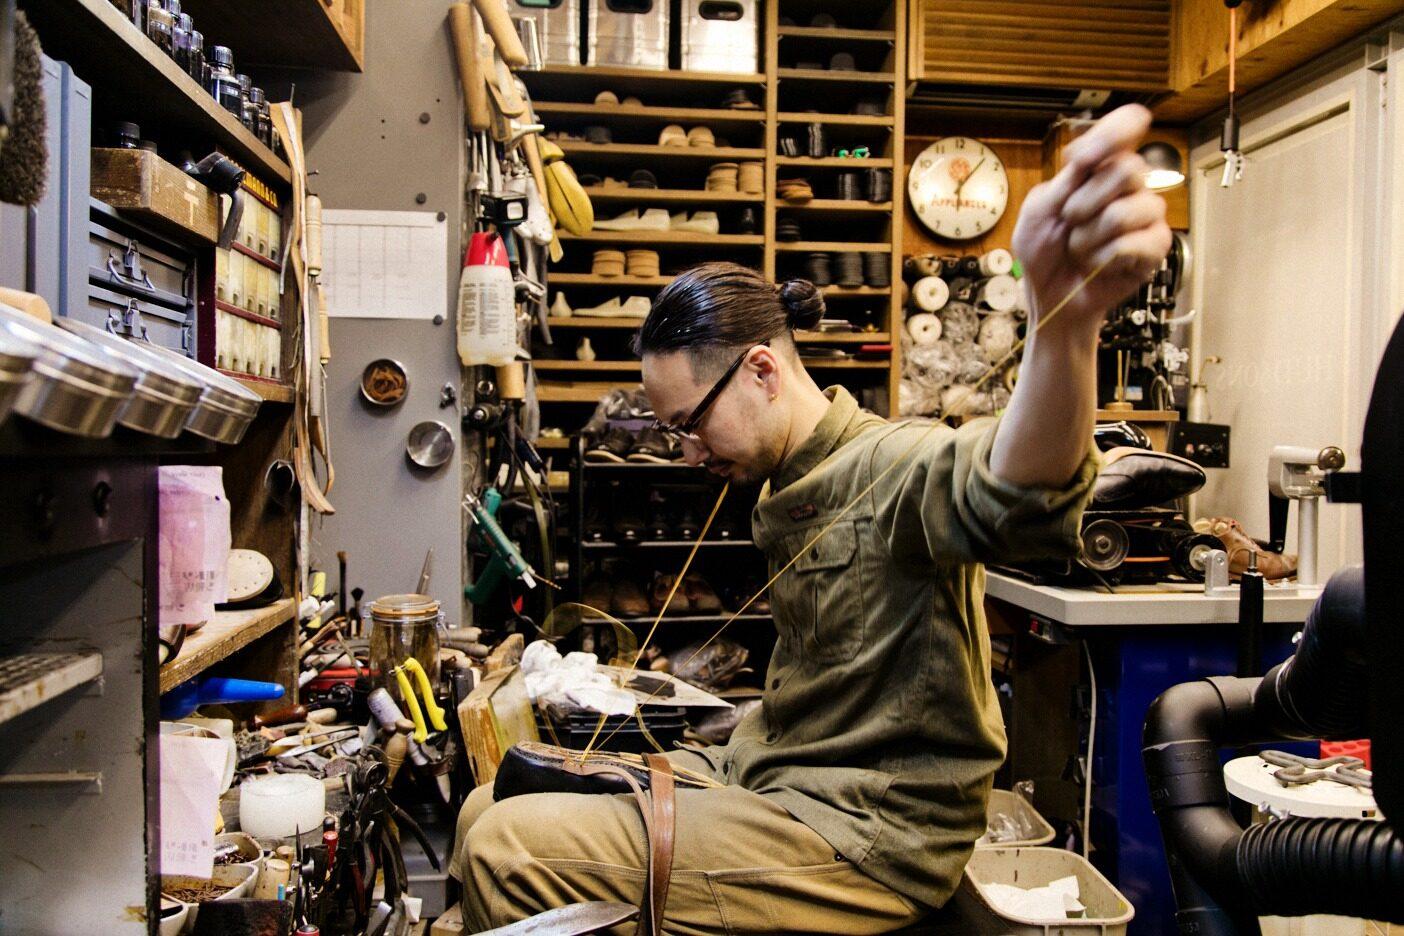 松ヤニでコーテイングした糸を、摩擦熱を利用して手縫いすることでアッパーとウェルトを接着させる。写真:五十嵐 一晴